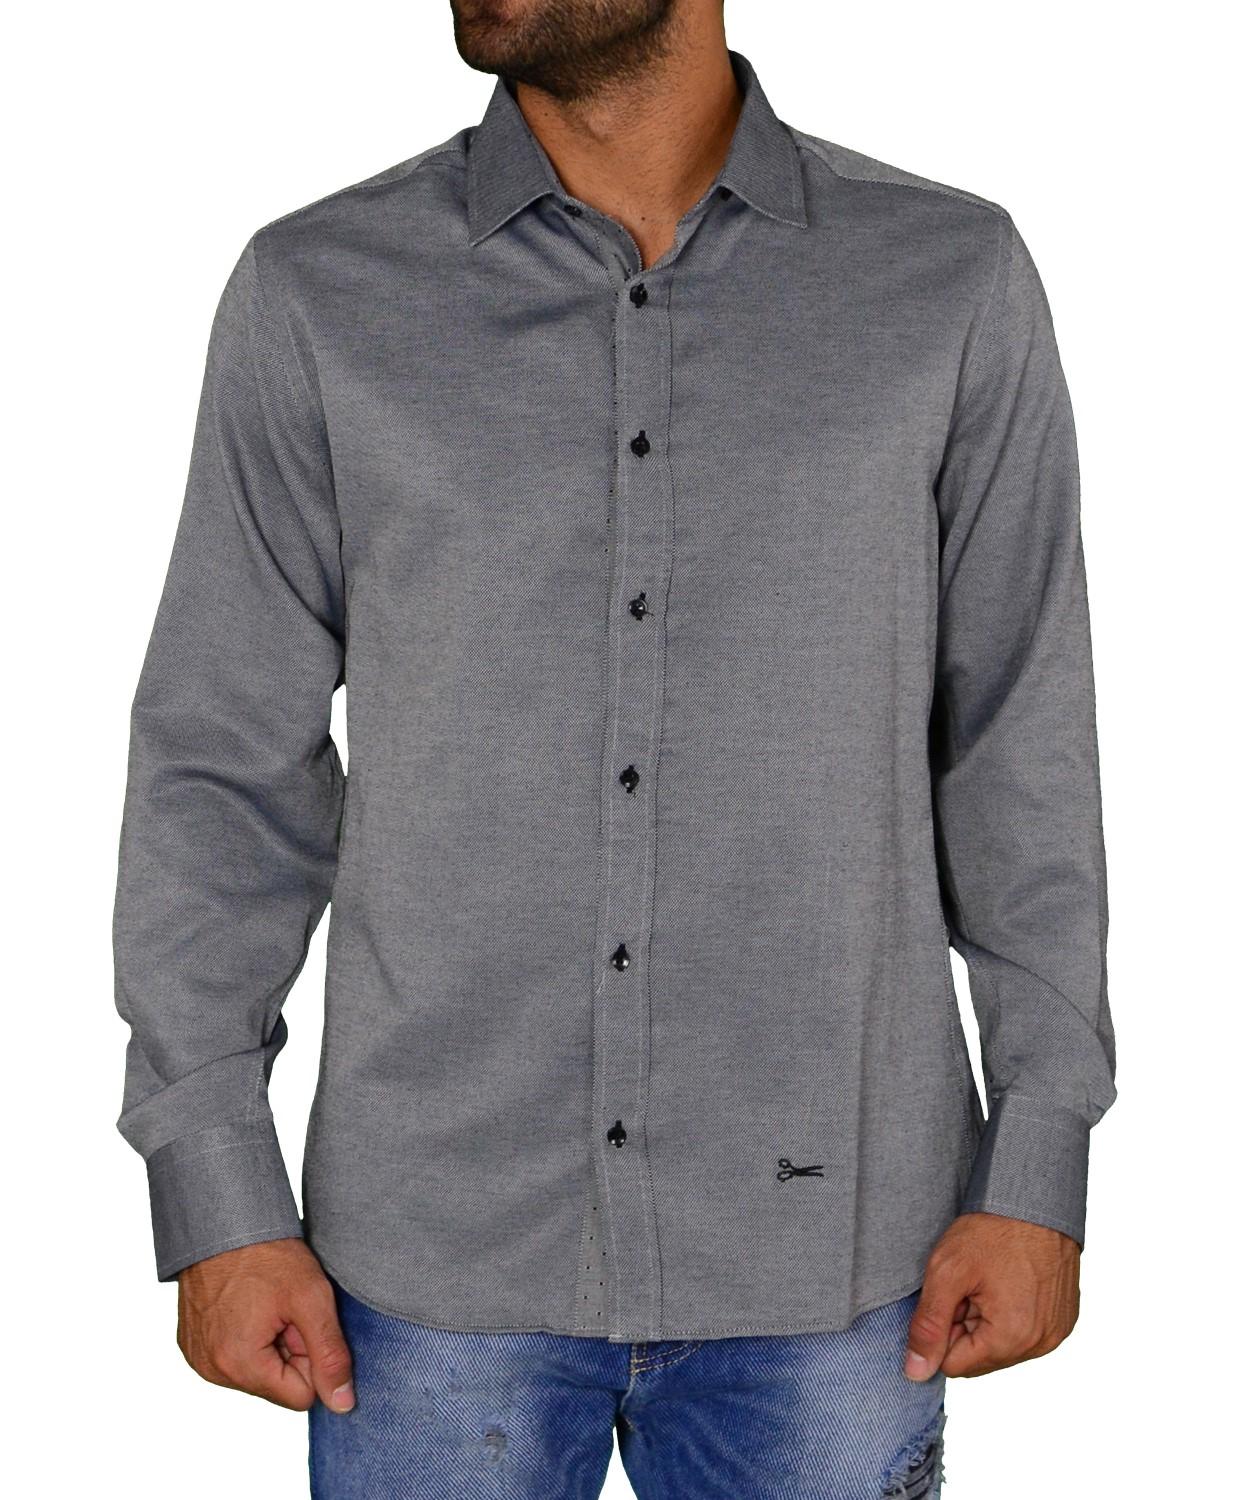 Ανδρικό πουκάμισο υφασμάτινο γκρι Ben Tailor 219113 a6c72c2d48d